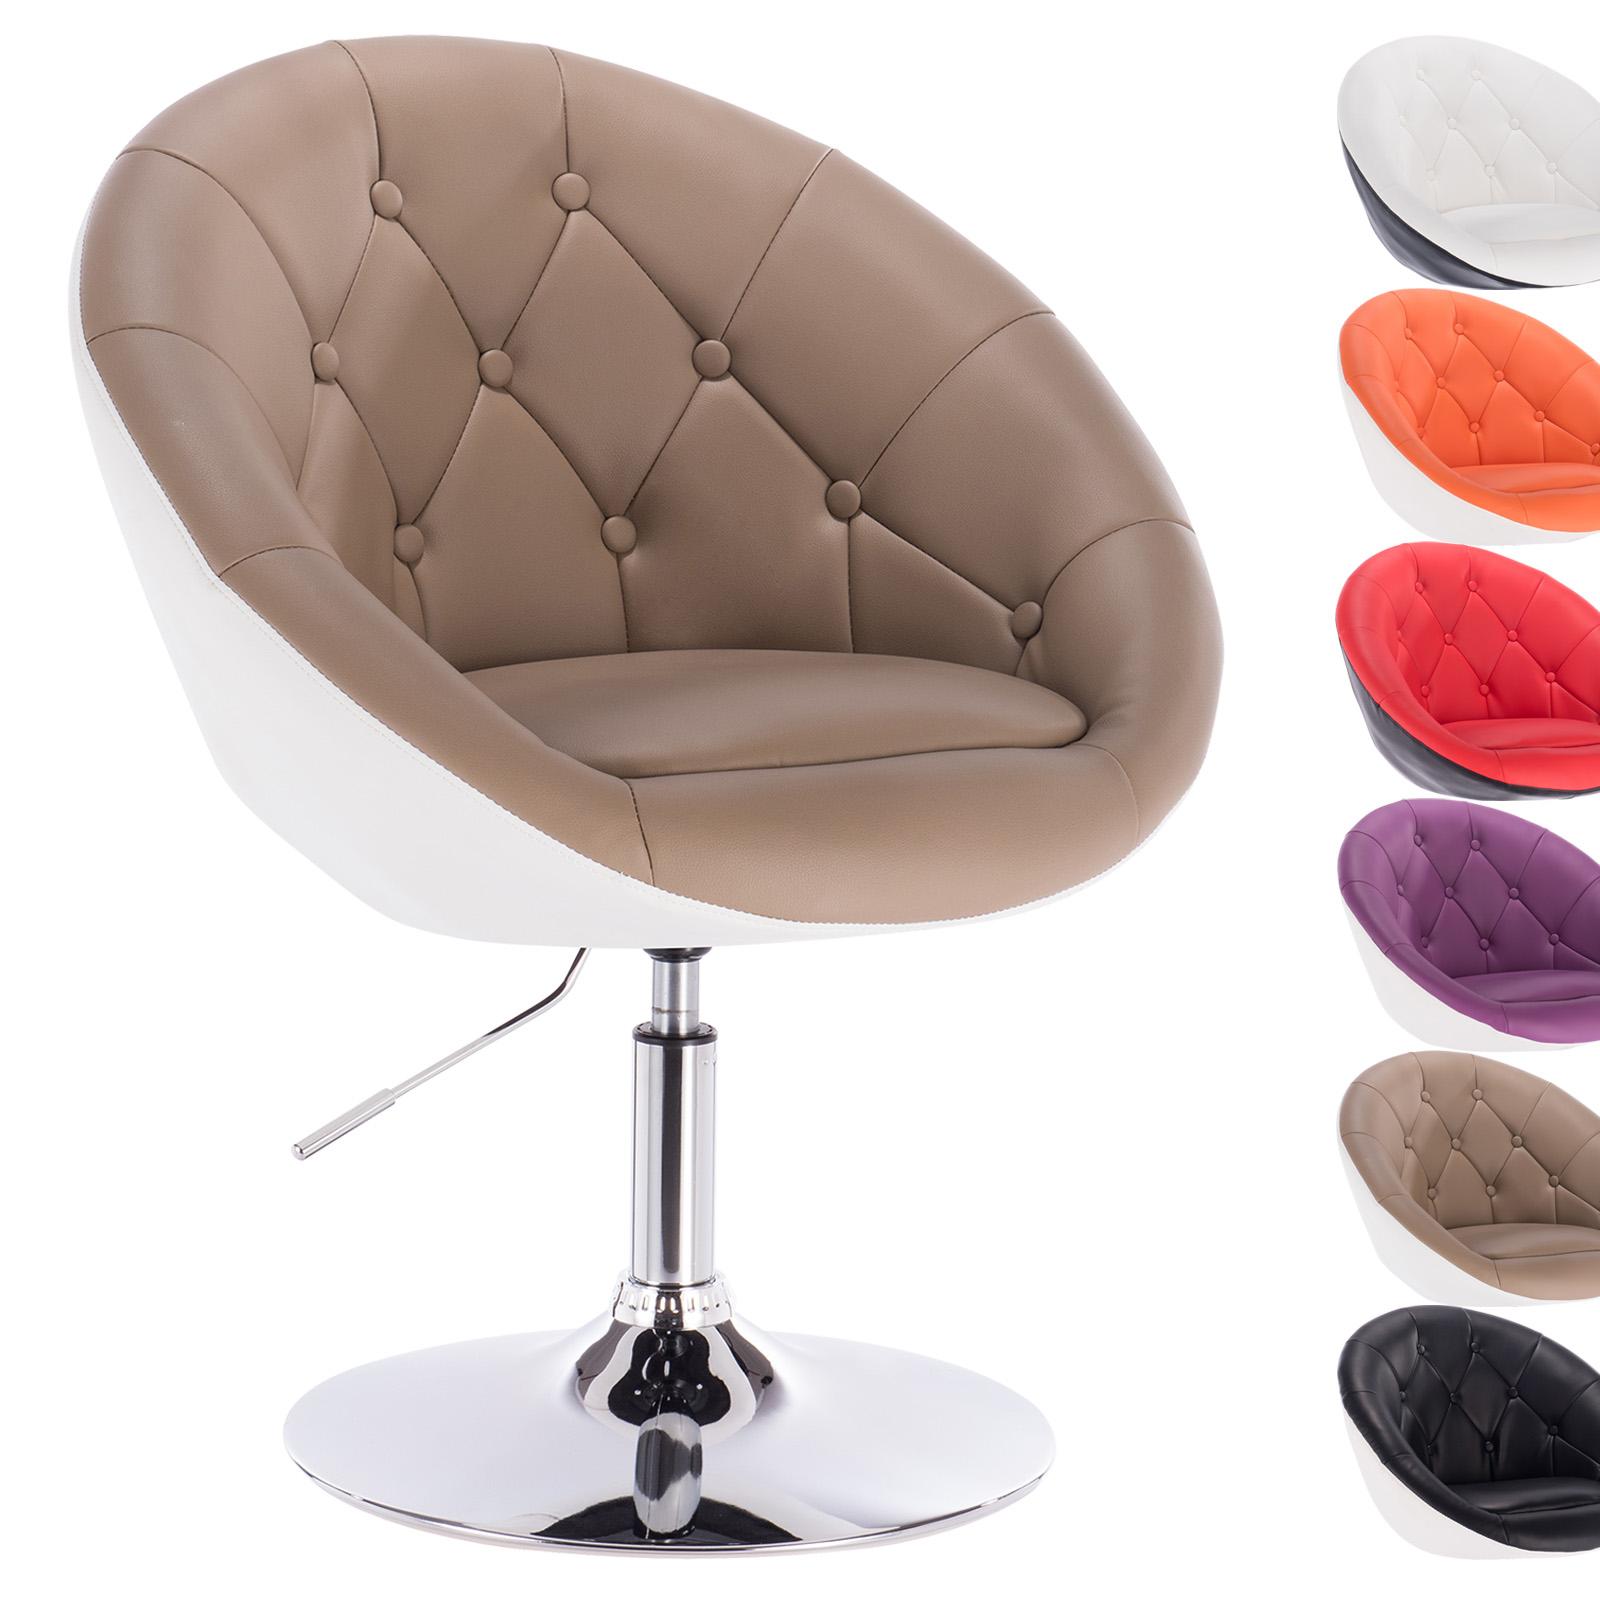 1 fauteuil chaise longue avec accoudoir en similicuir pour salon ou au caf f092 ebay. Black Bedroom Furniture Sets. Home Design Ideas